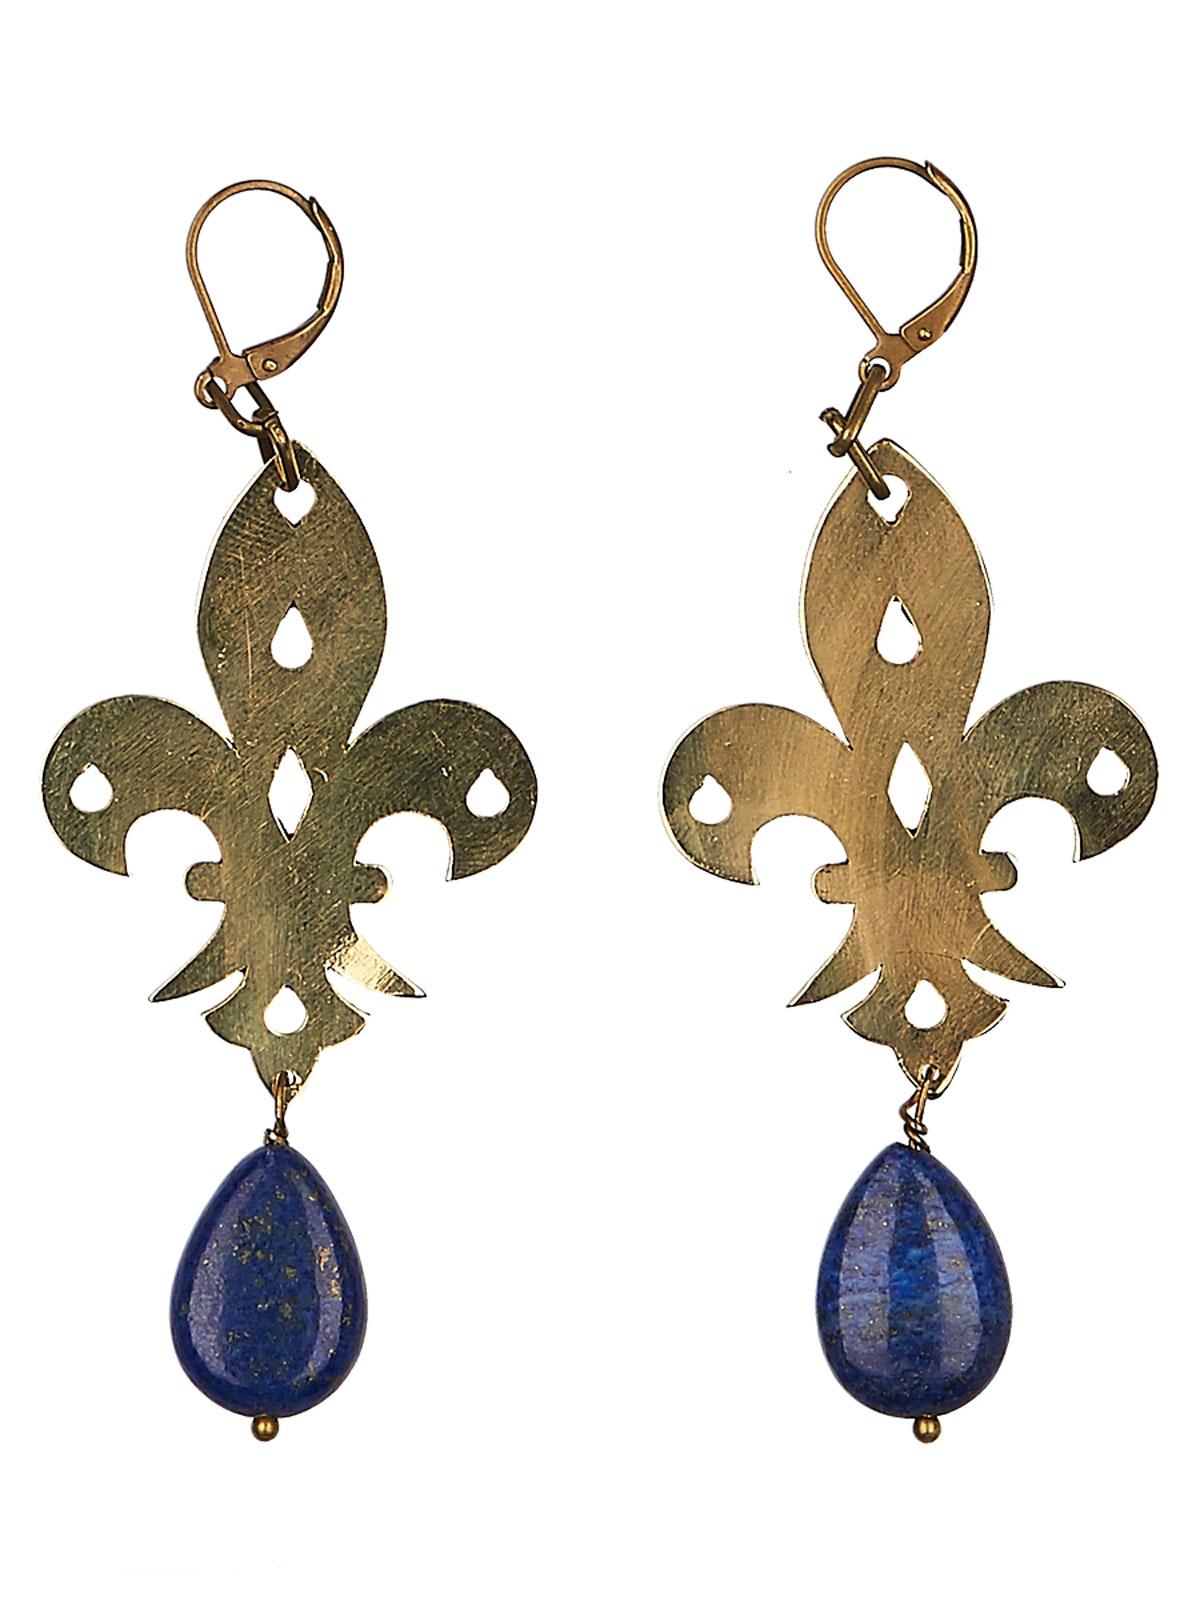 Серьги 'Polina Selezneva', цвет: синий, золотистый. 004-0987